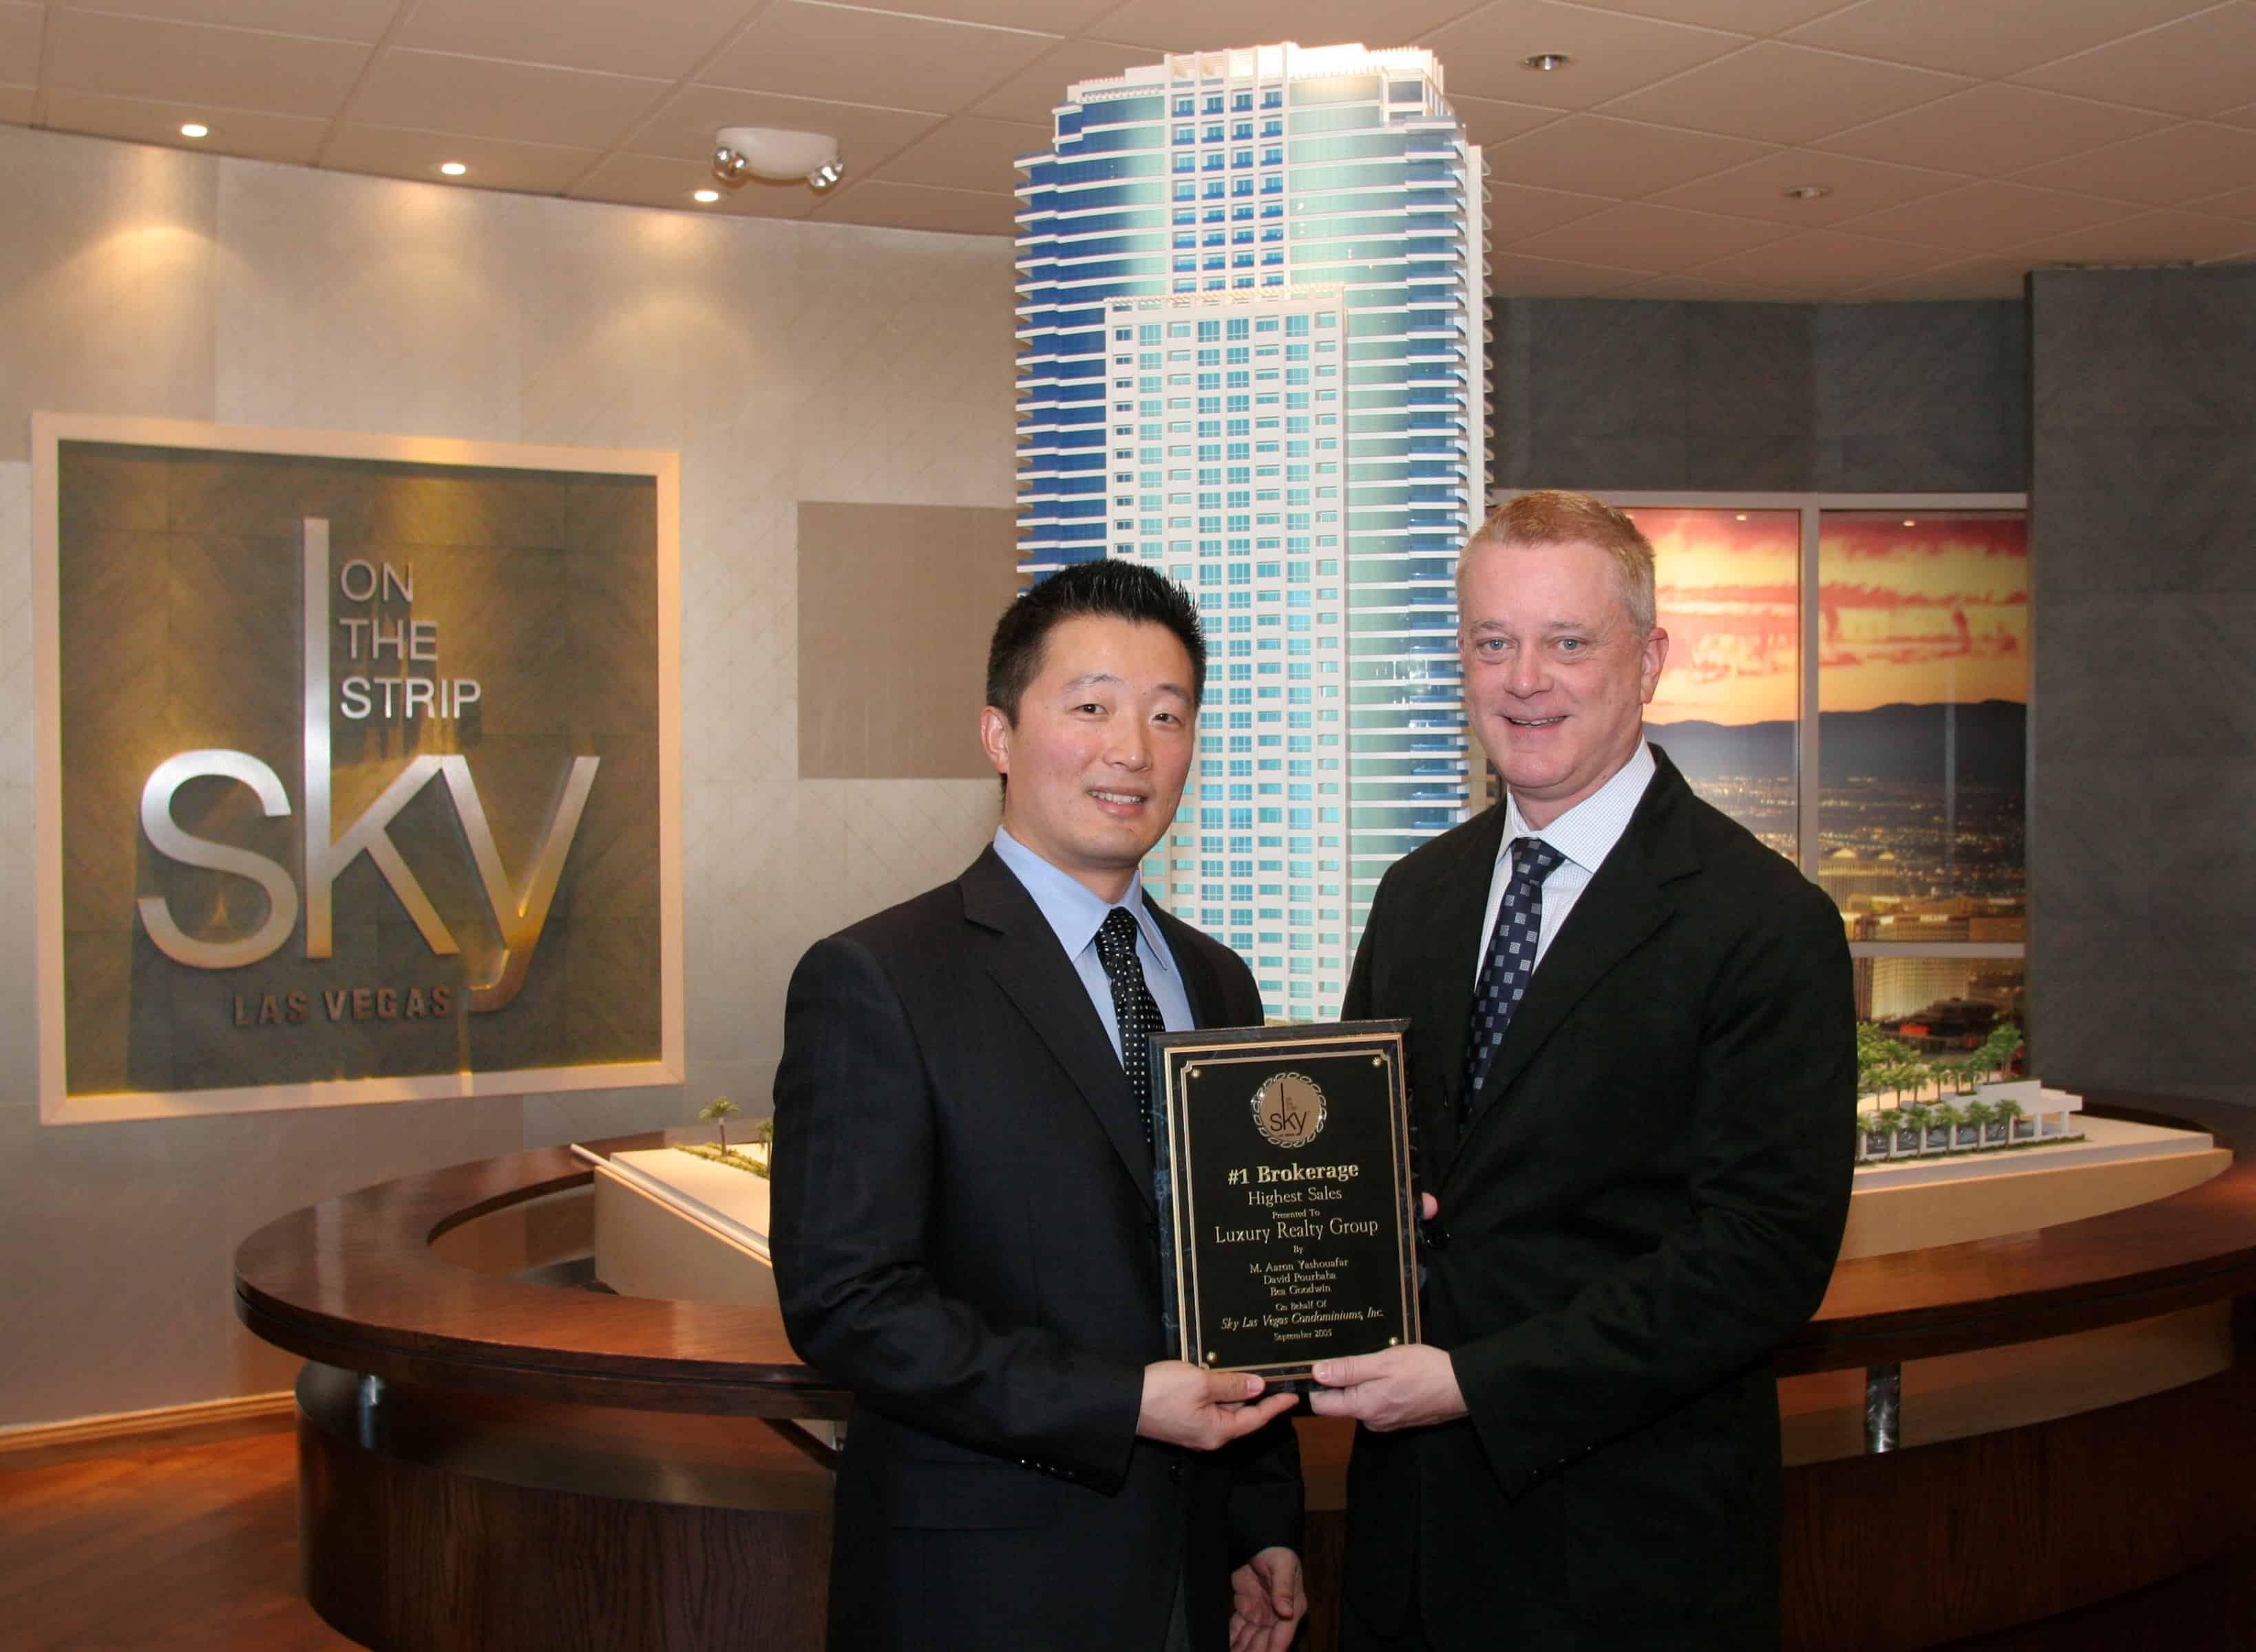 Award Brokerage #1